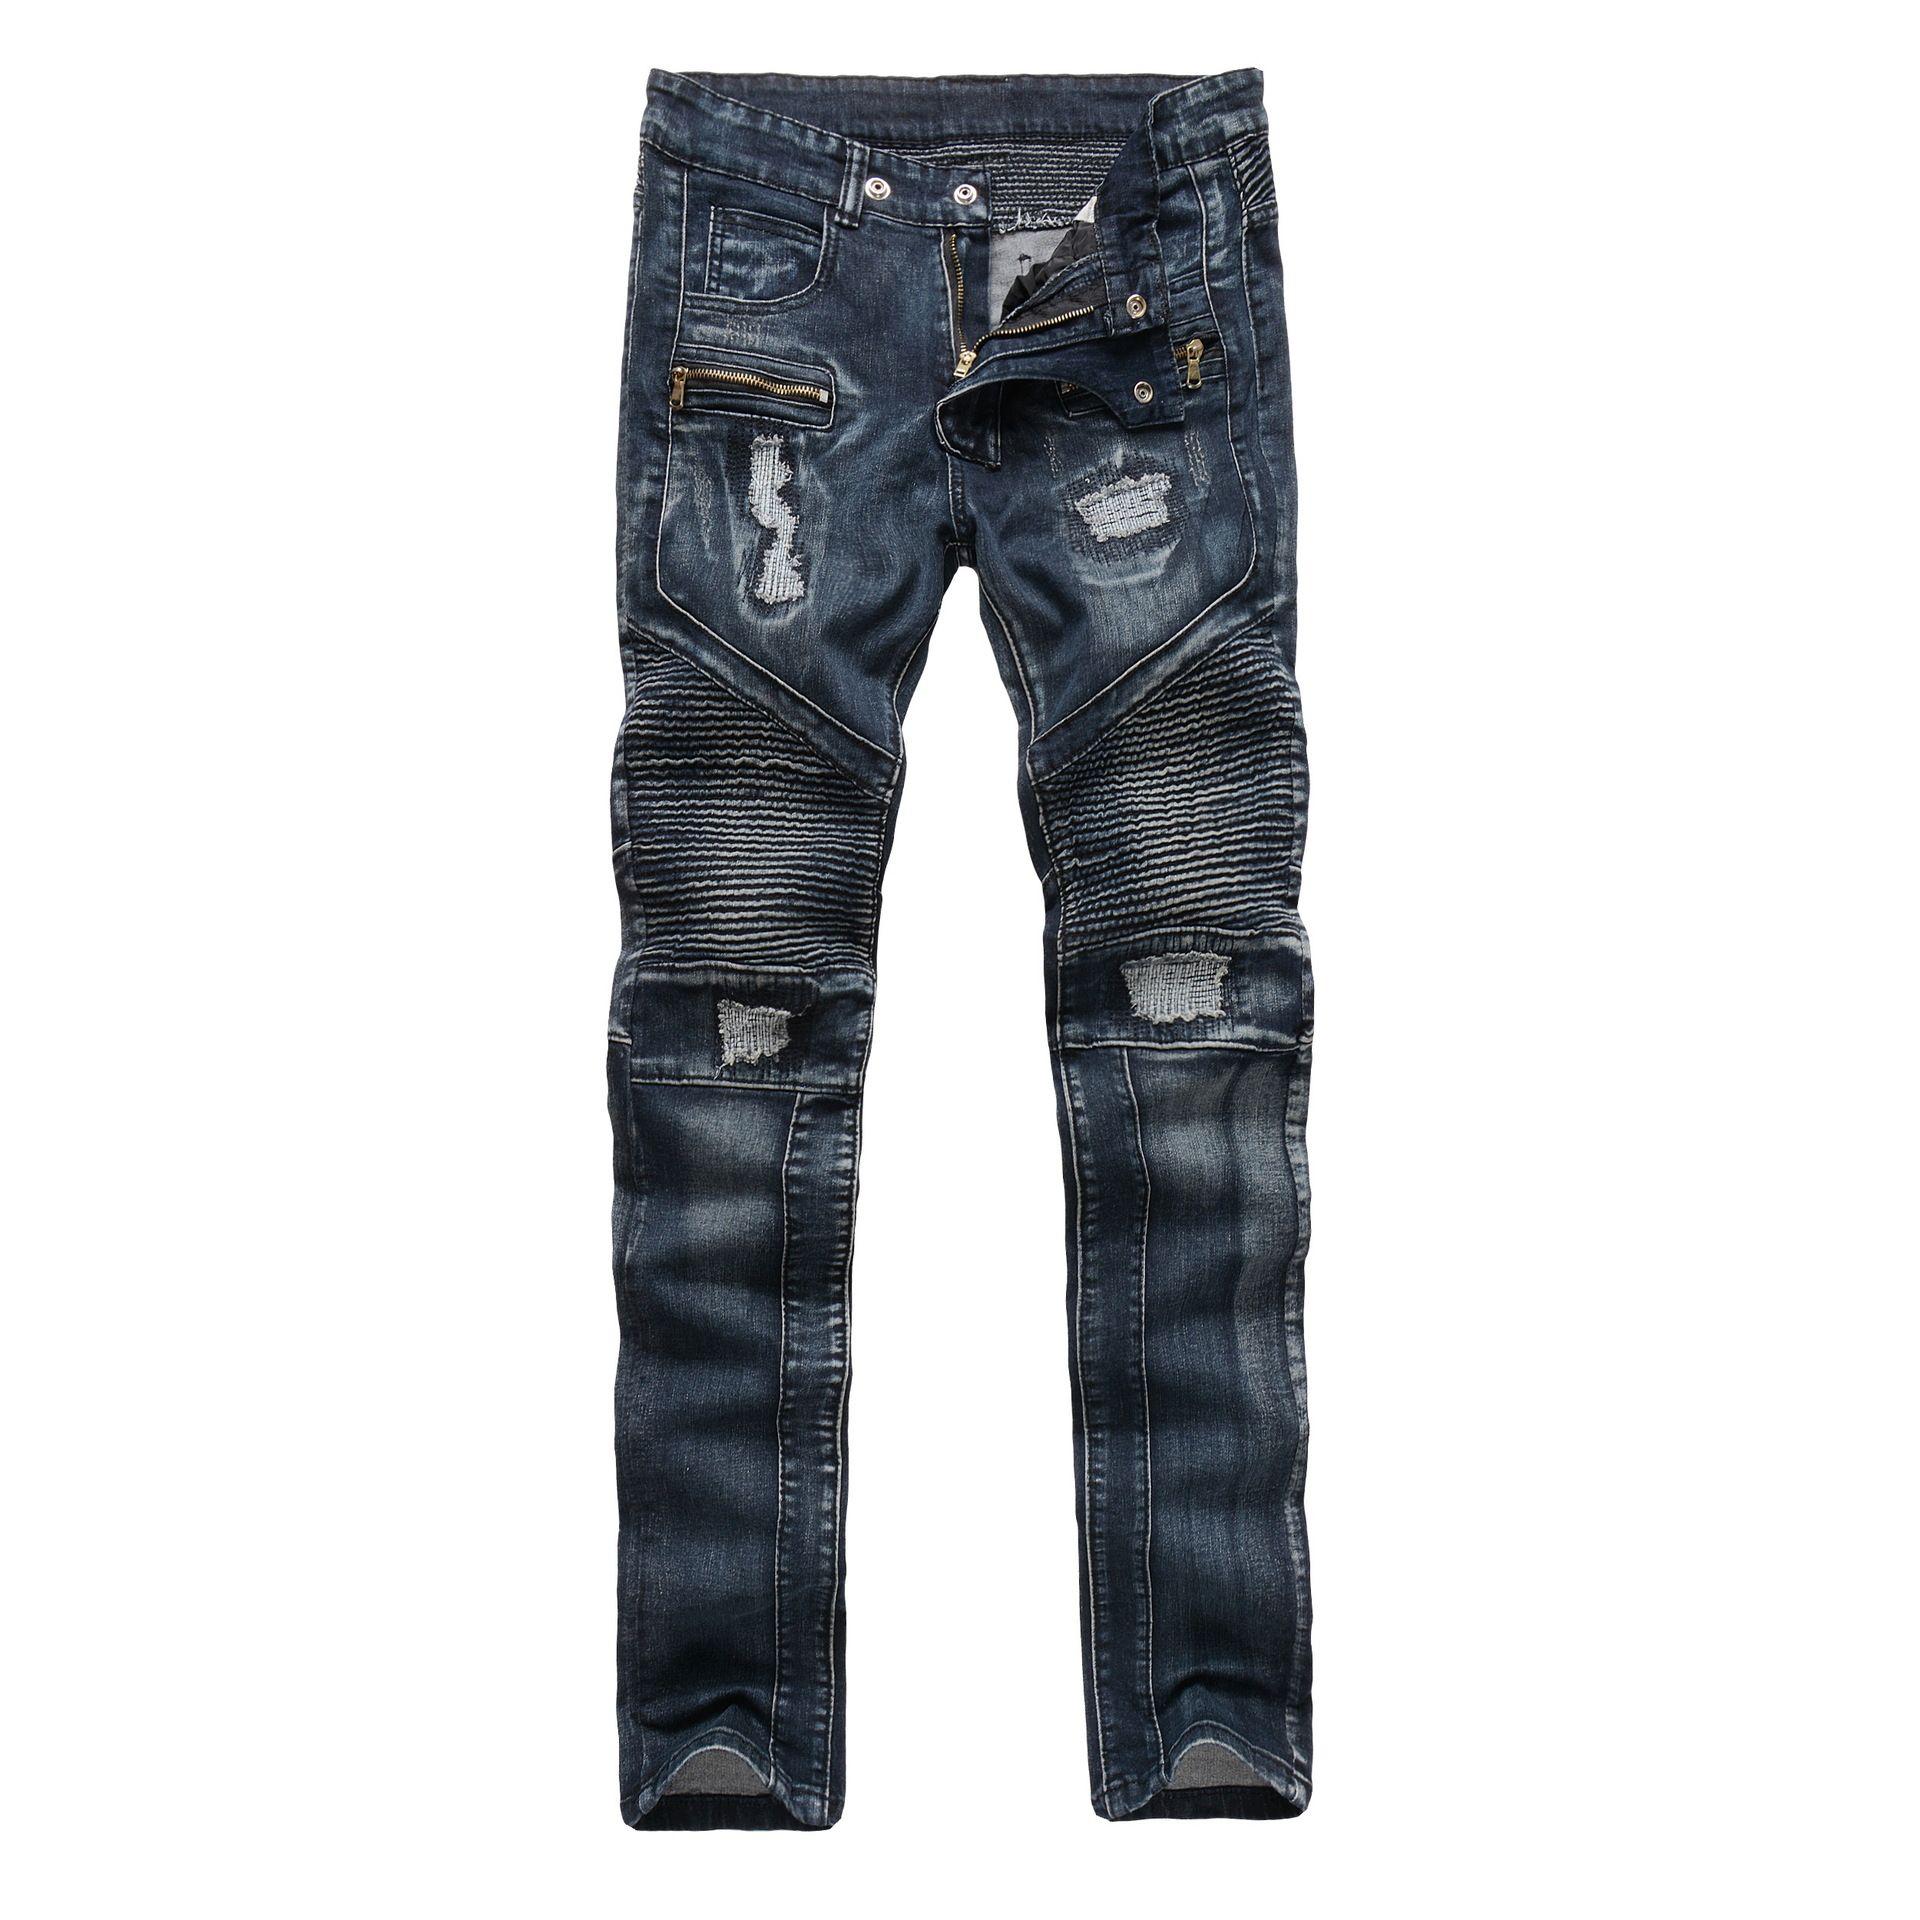 LENSTID Fashion Designer Jeans hombres Swag Hip Hop Biker Jeans Mens Flaco  Slim Fit Plisado Pantalones